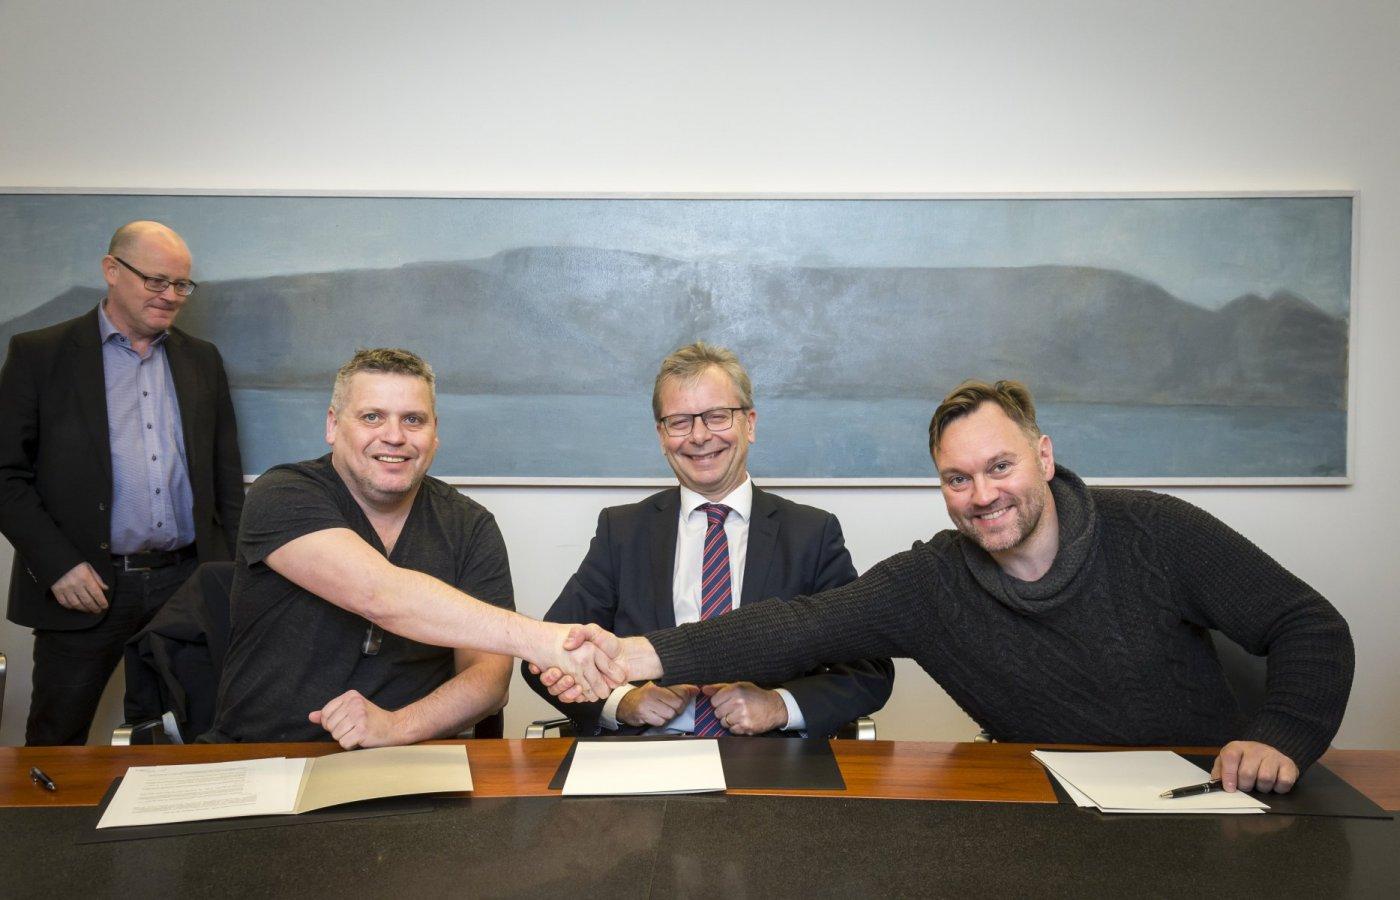 Þórarinn Guðjónsson, Jón Atli Benediktsson og Karl Ægir Karlsson